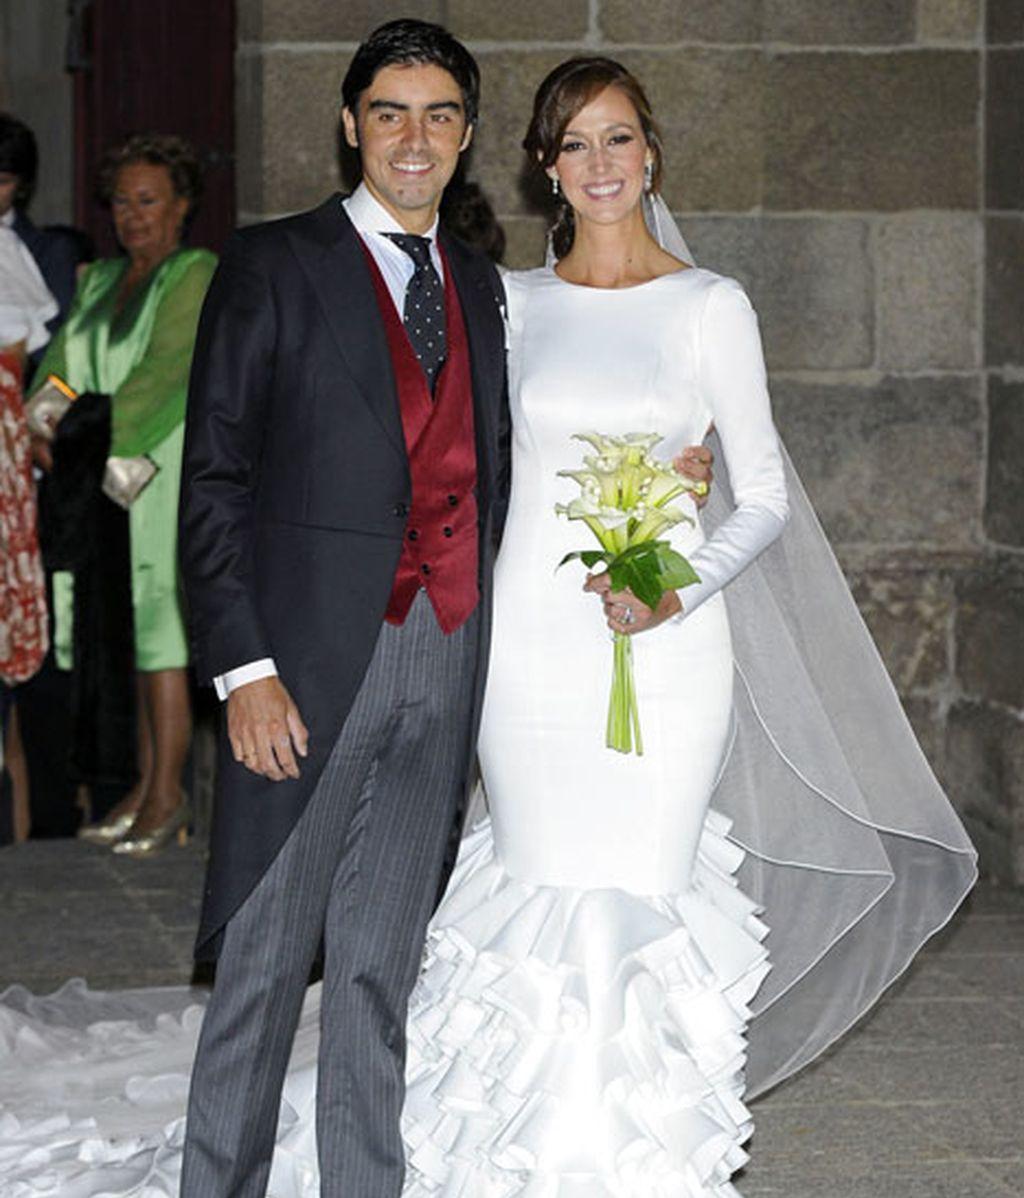 El torero Miguel Ángel Perera y Verónica Gutierrez, ya como marido y mujer